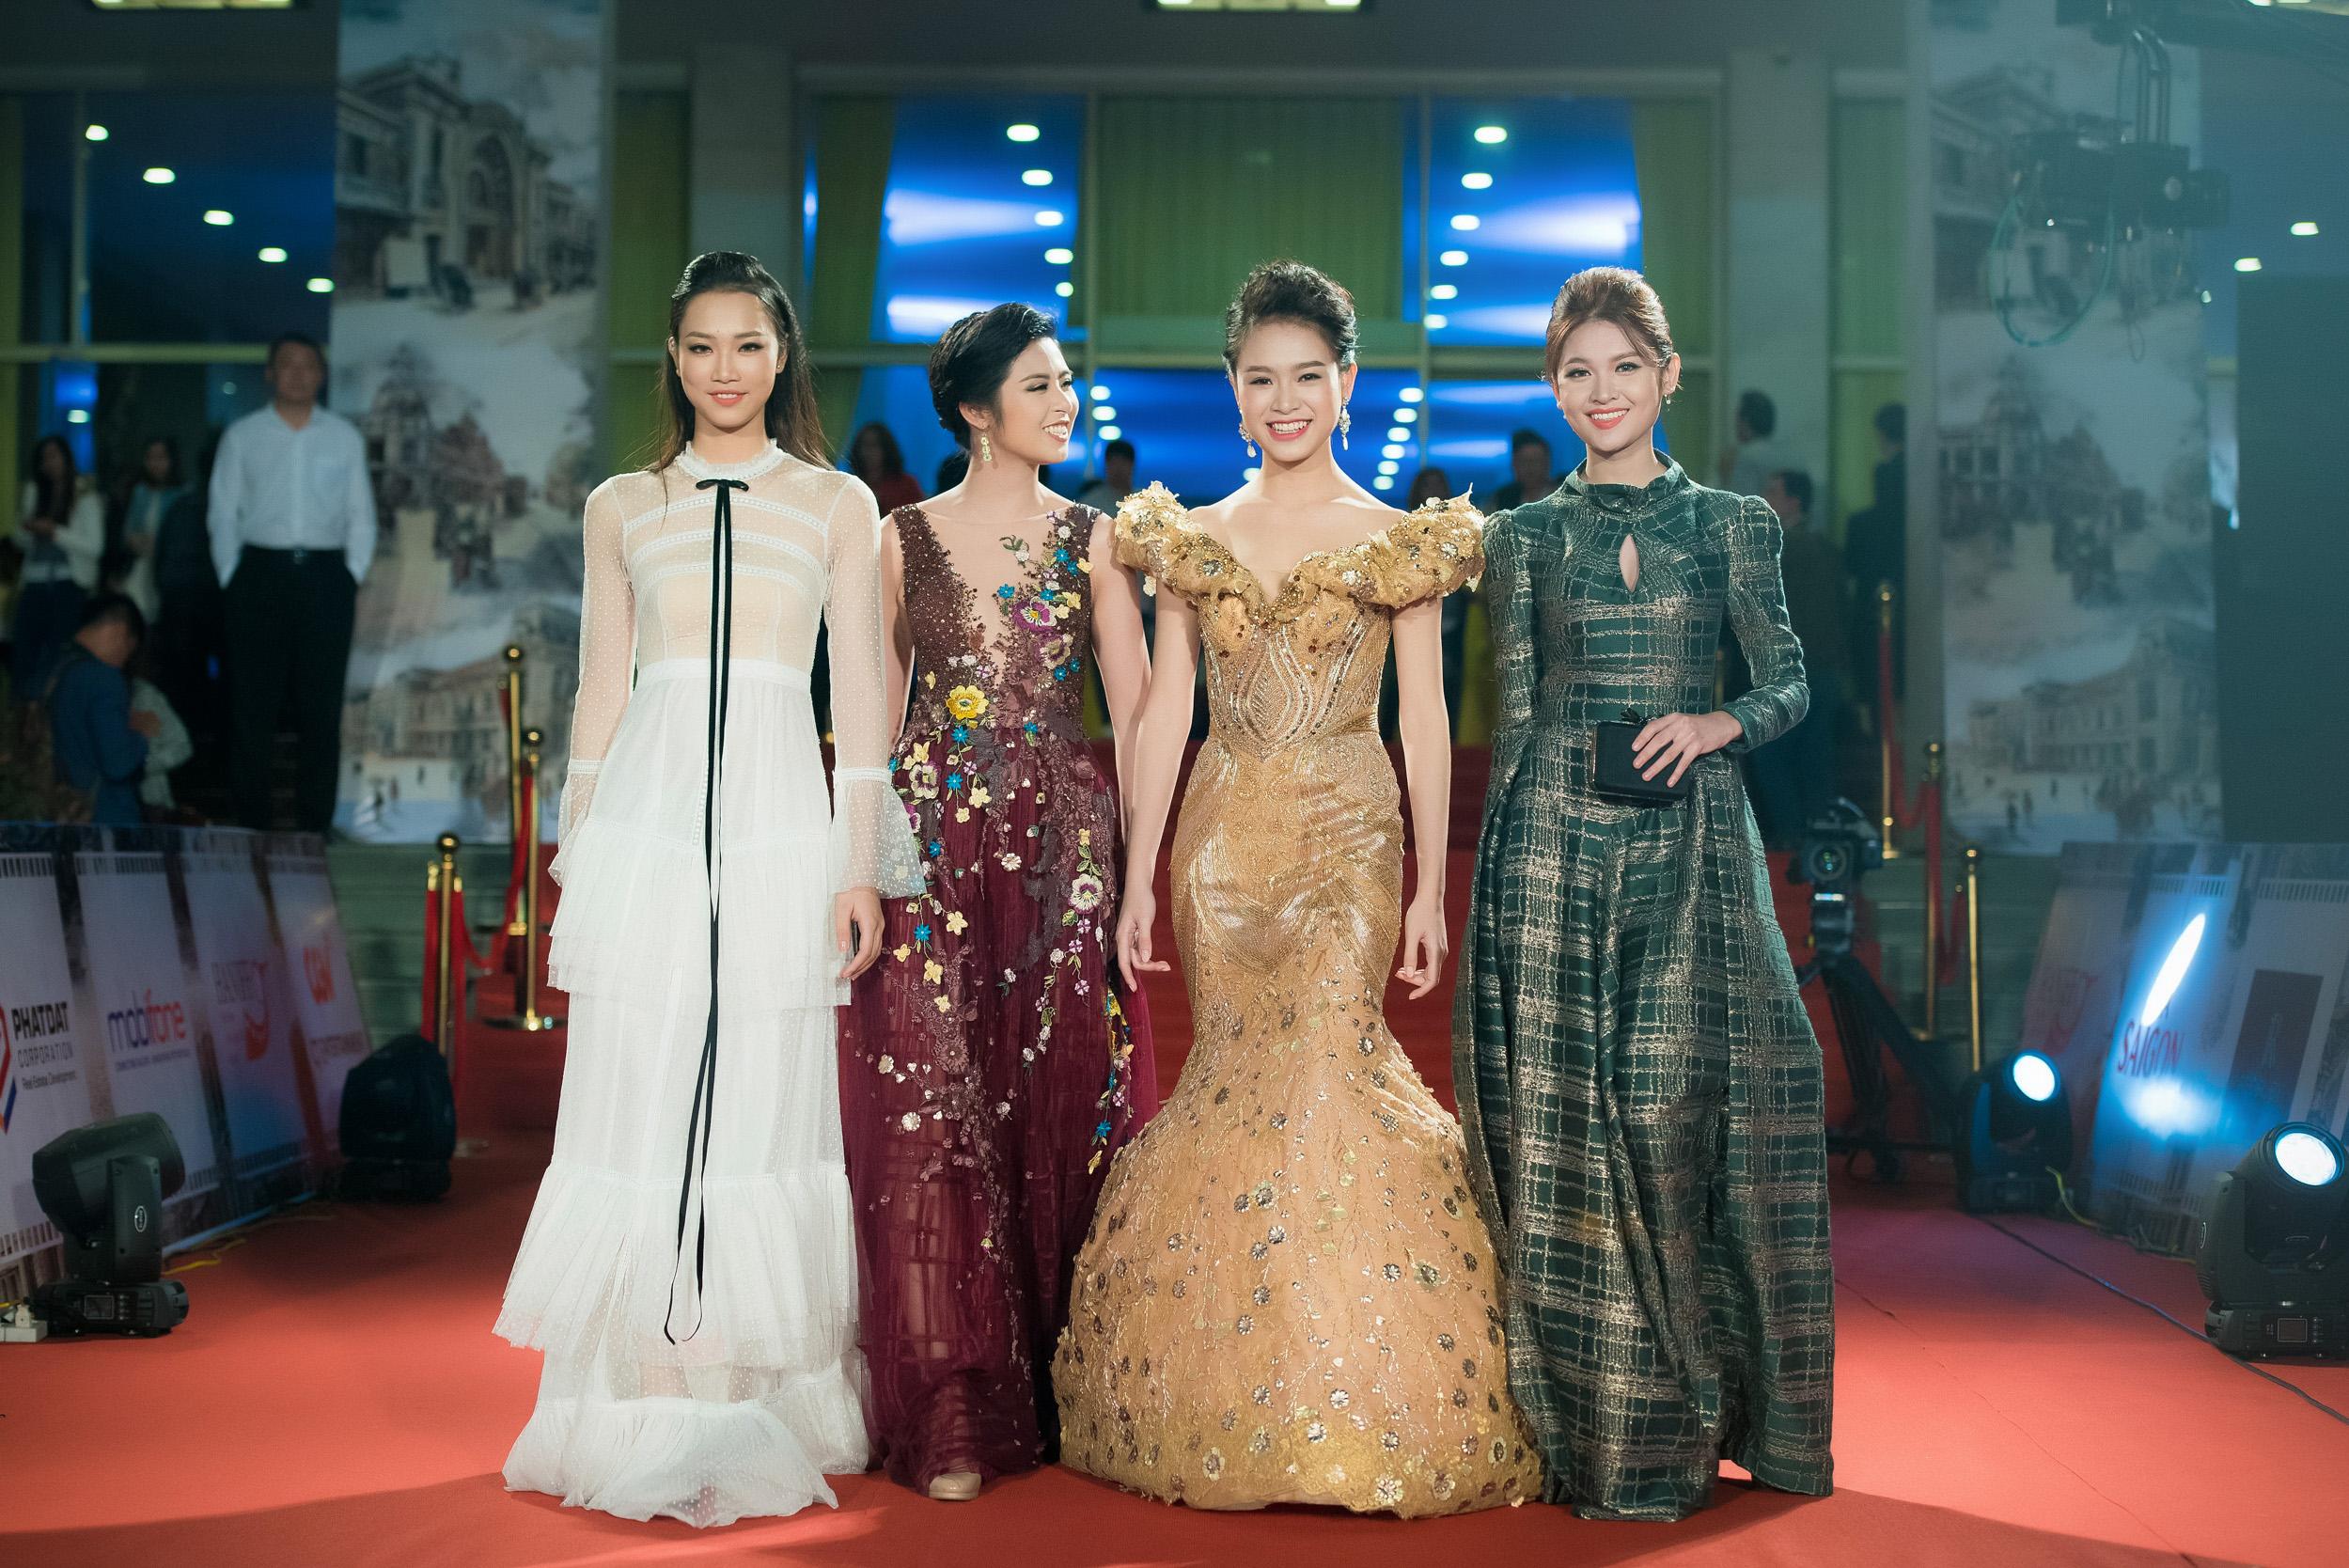 Hoa hậu Mỹ Linh đọ sắc bên Á hậu Thanh Tú trên thảm đỏ 9